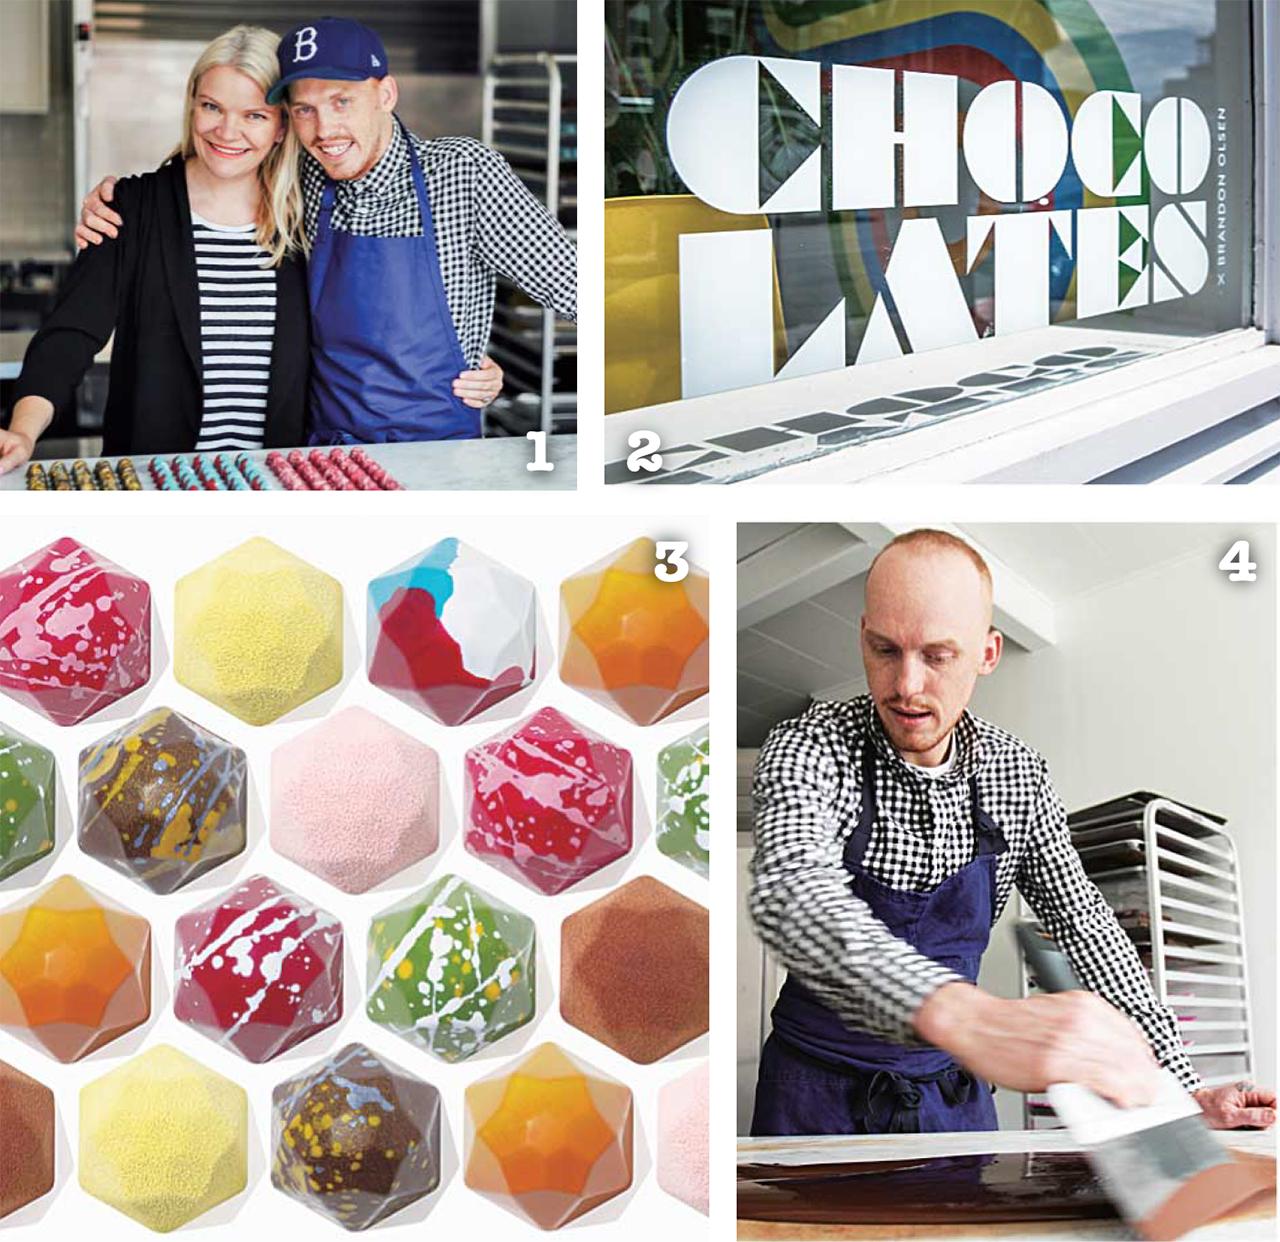 1 オーナーのBrandon Olsenさんと Sarah Keenlysideさん 2 外観から見える可愛らしいchocolateの文字  3 CXBO Classic Collection Hexagons  4 ひとつひとつ丁寧にチョコを作っています